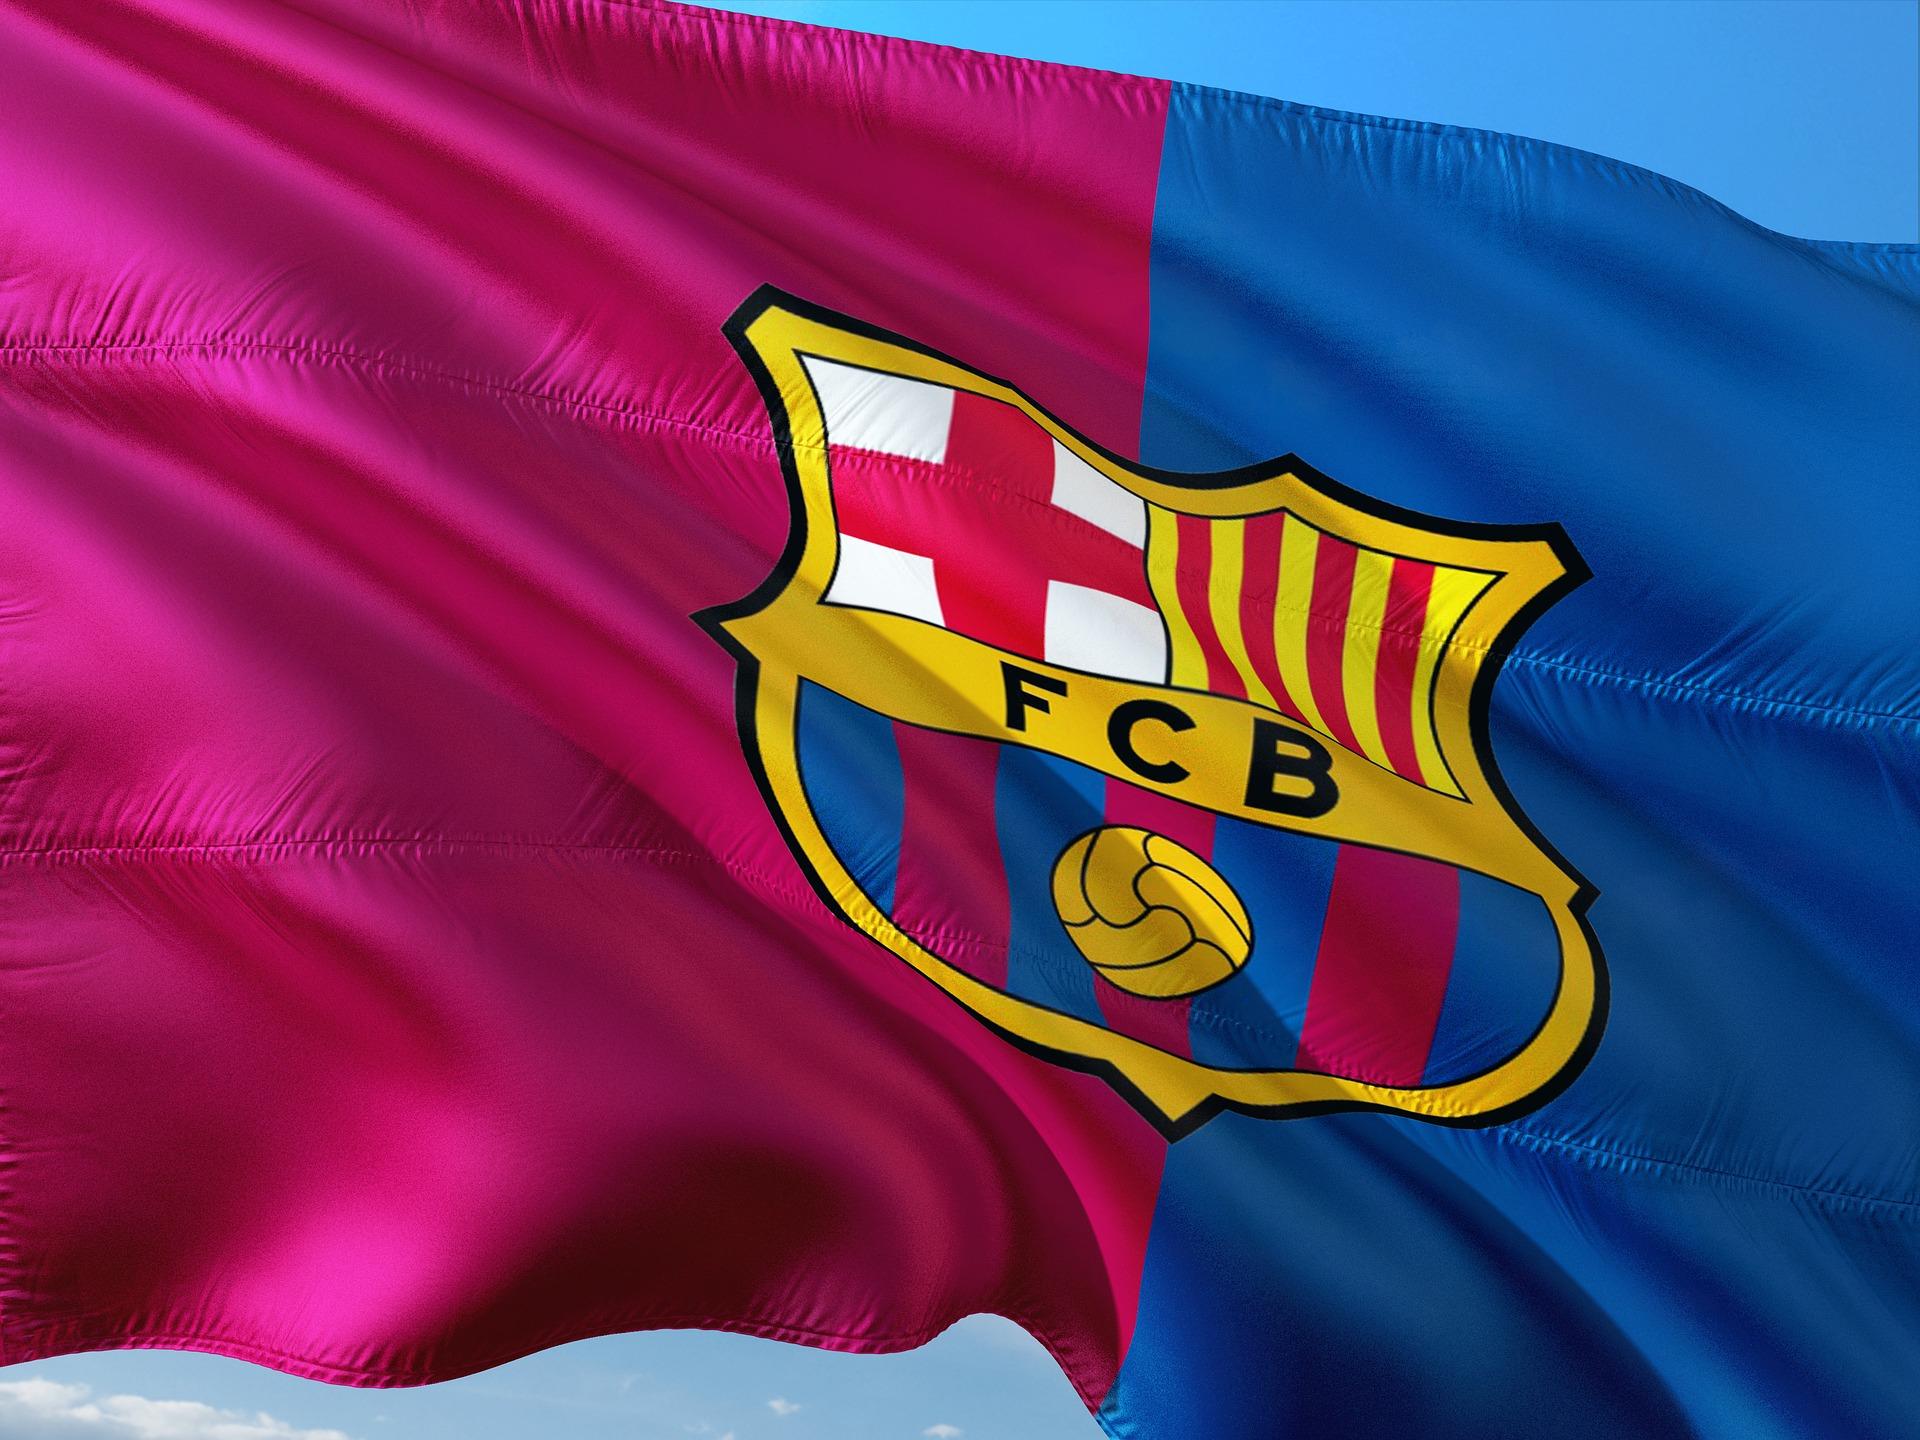 فالنسيا ضد برشلونة في مباراة قوية.. تابع ملخص المباراة ضمن منافسات الدوري الإسباني